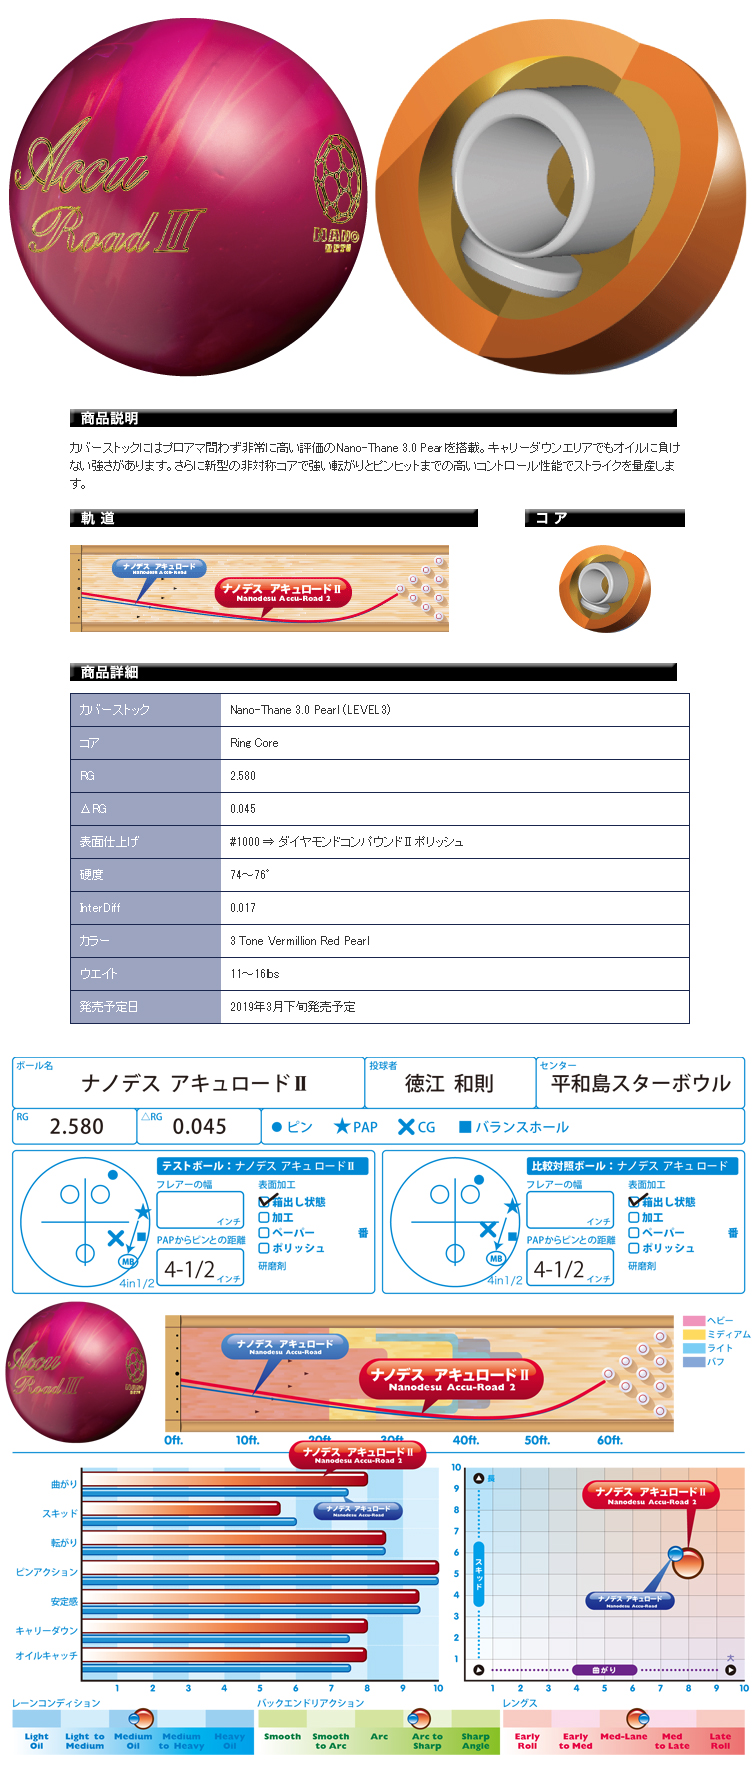 ボウリング用品 ボウリングボール ナノデス アキュロード NANODESU Accu Road